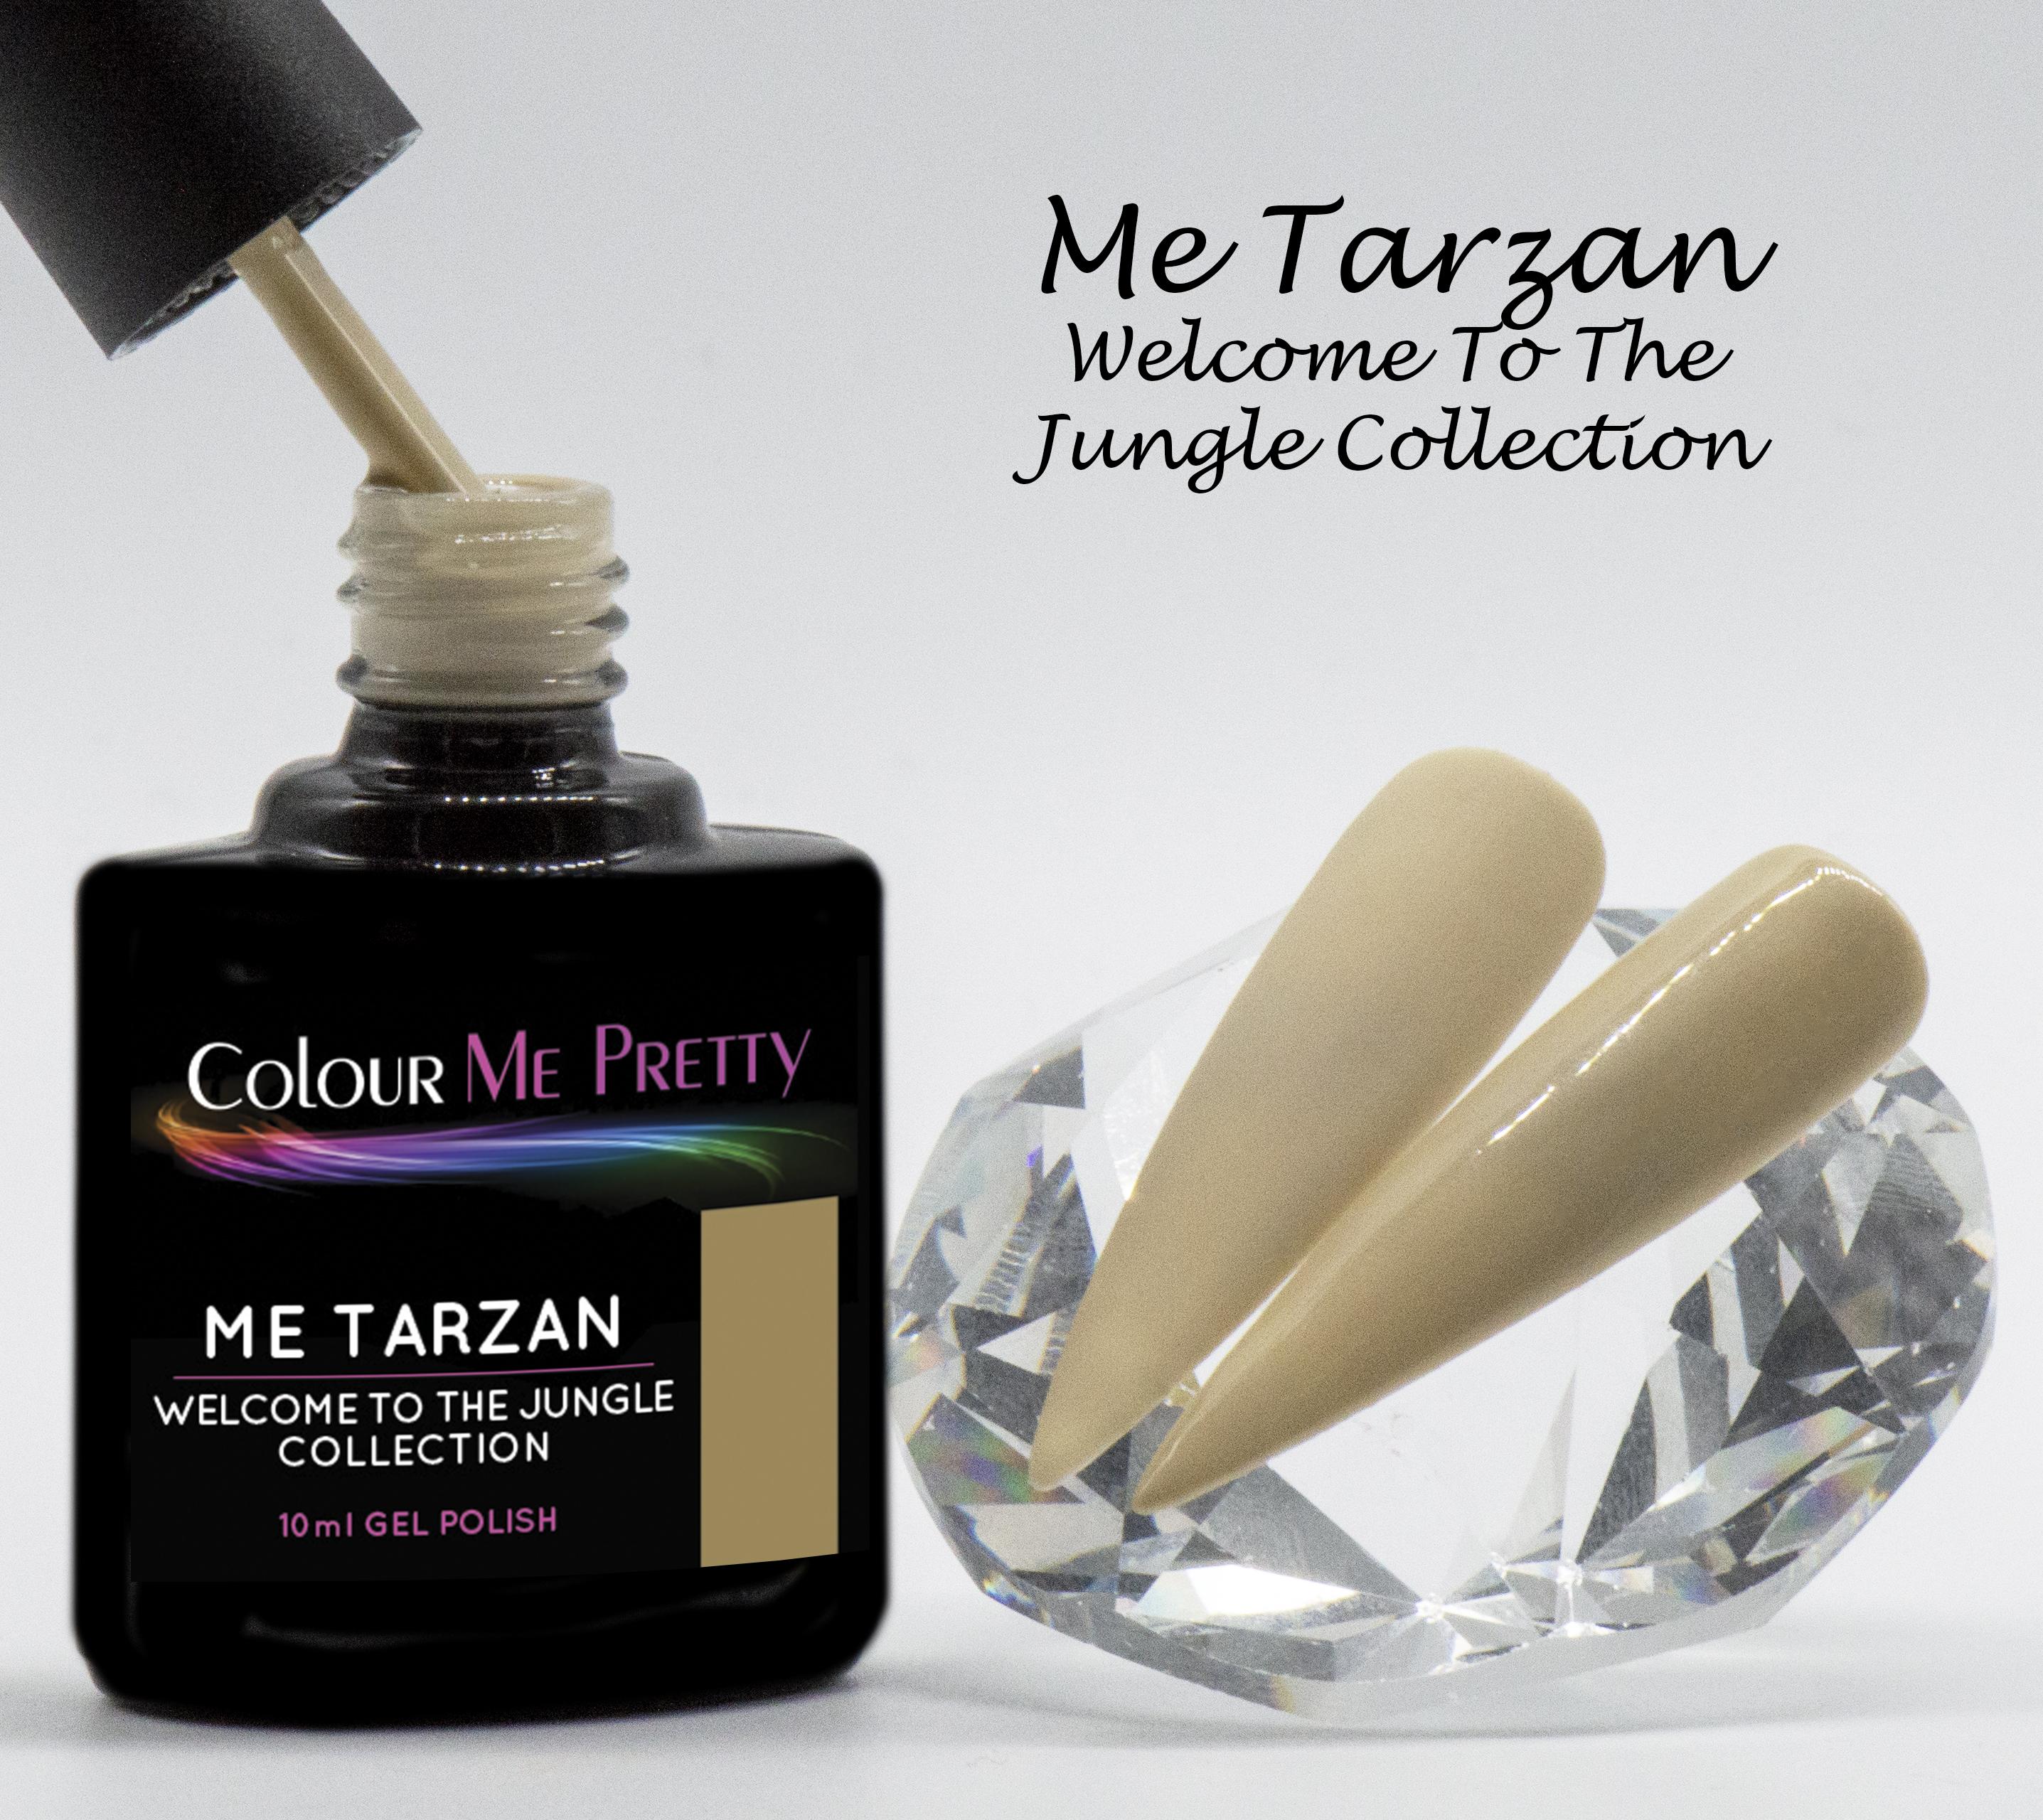 Welcome Me Tarzan